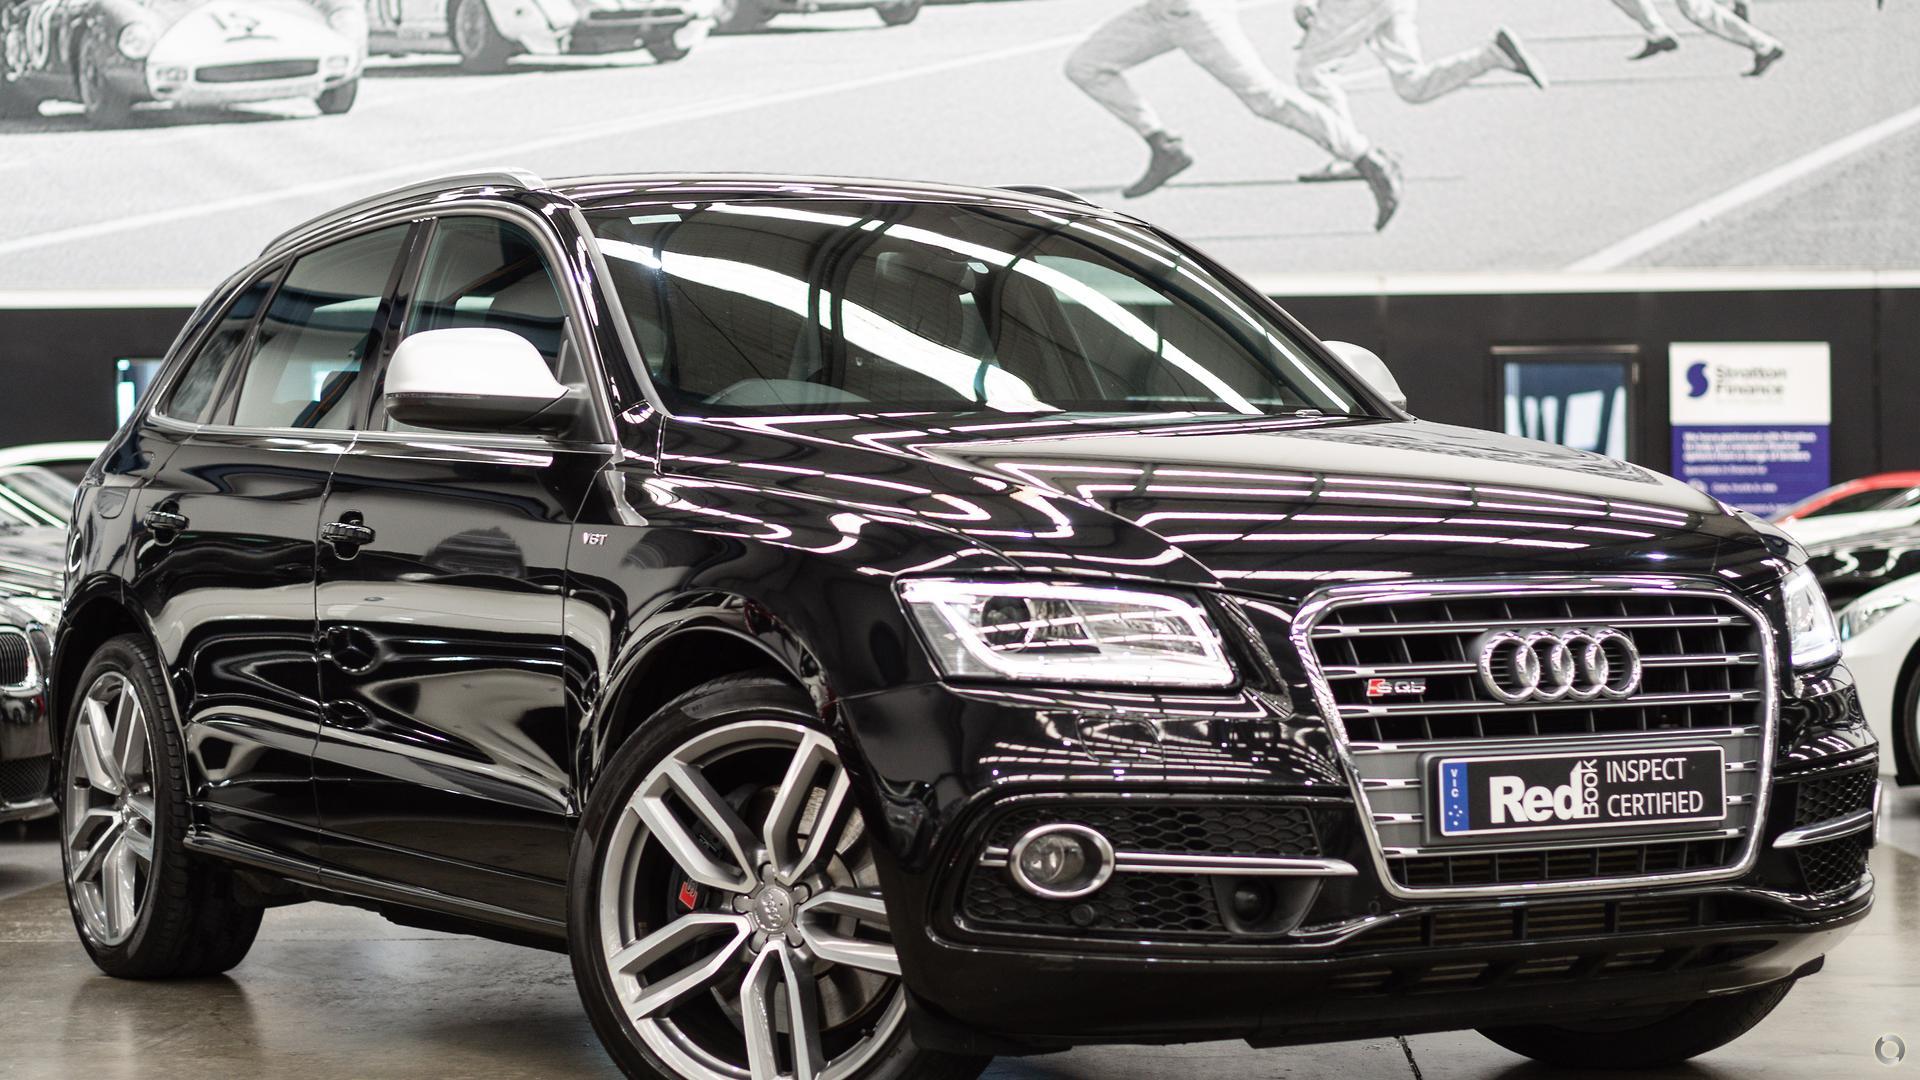 2013 Audi SQ5 8R